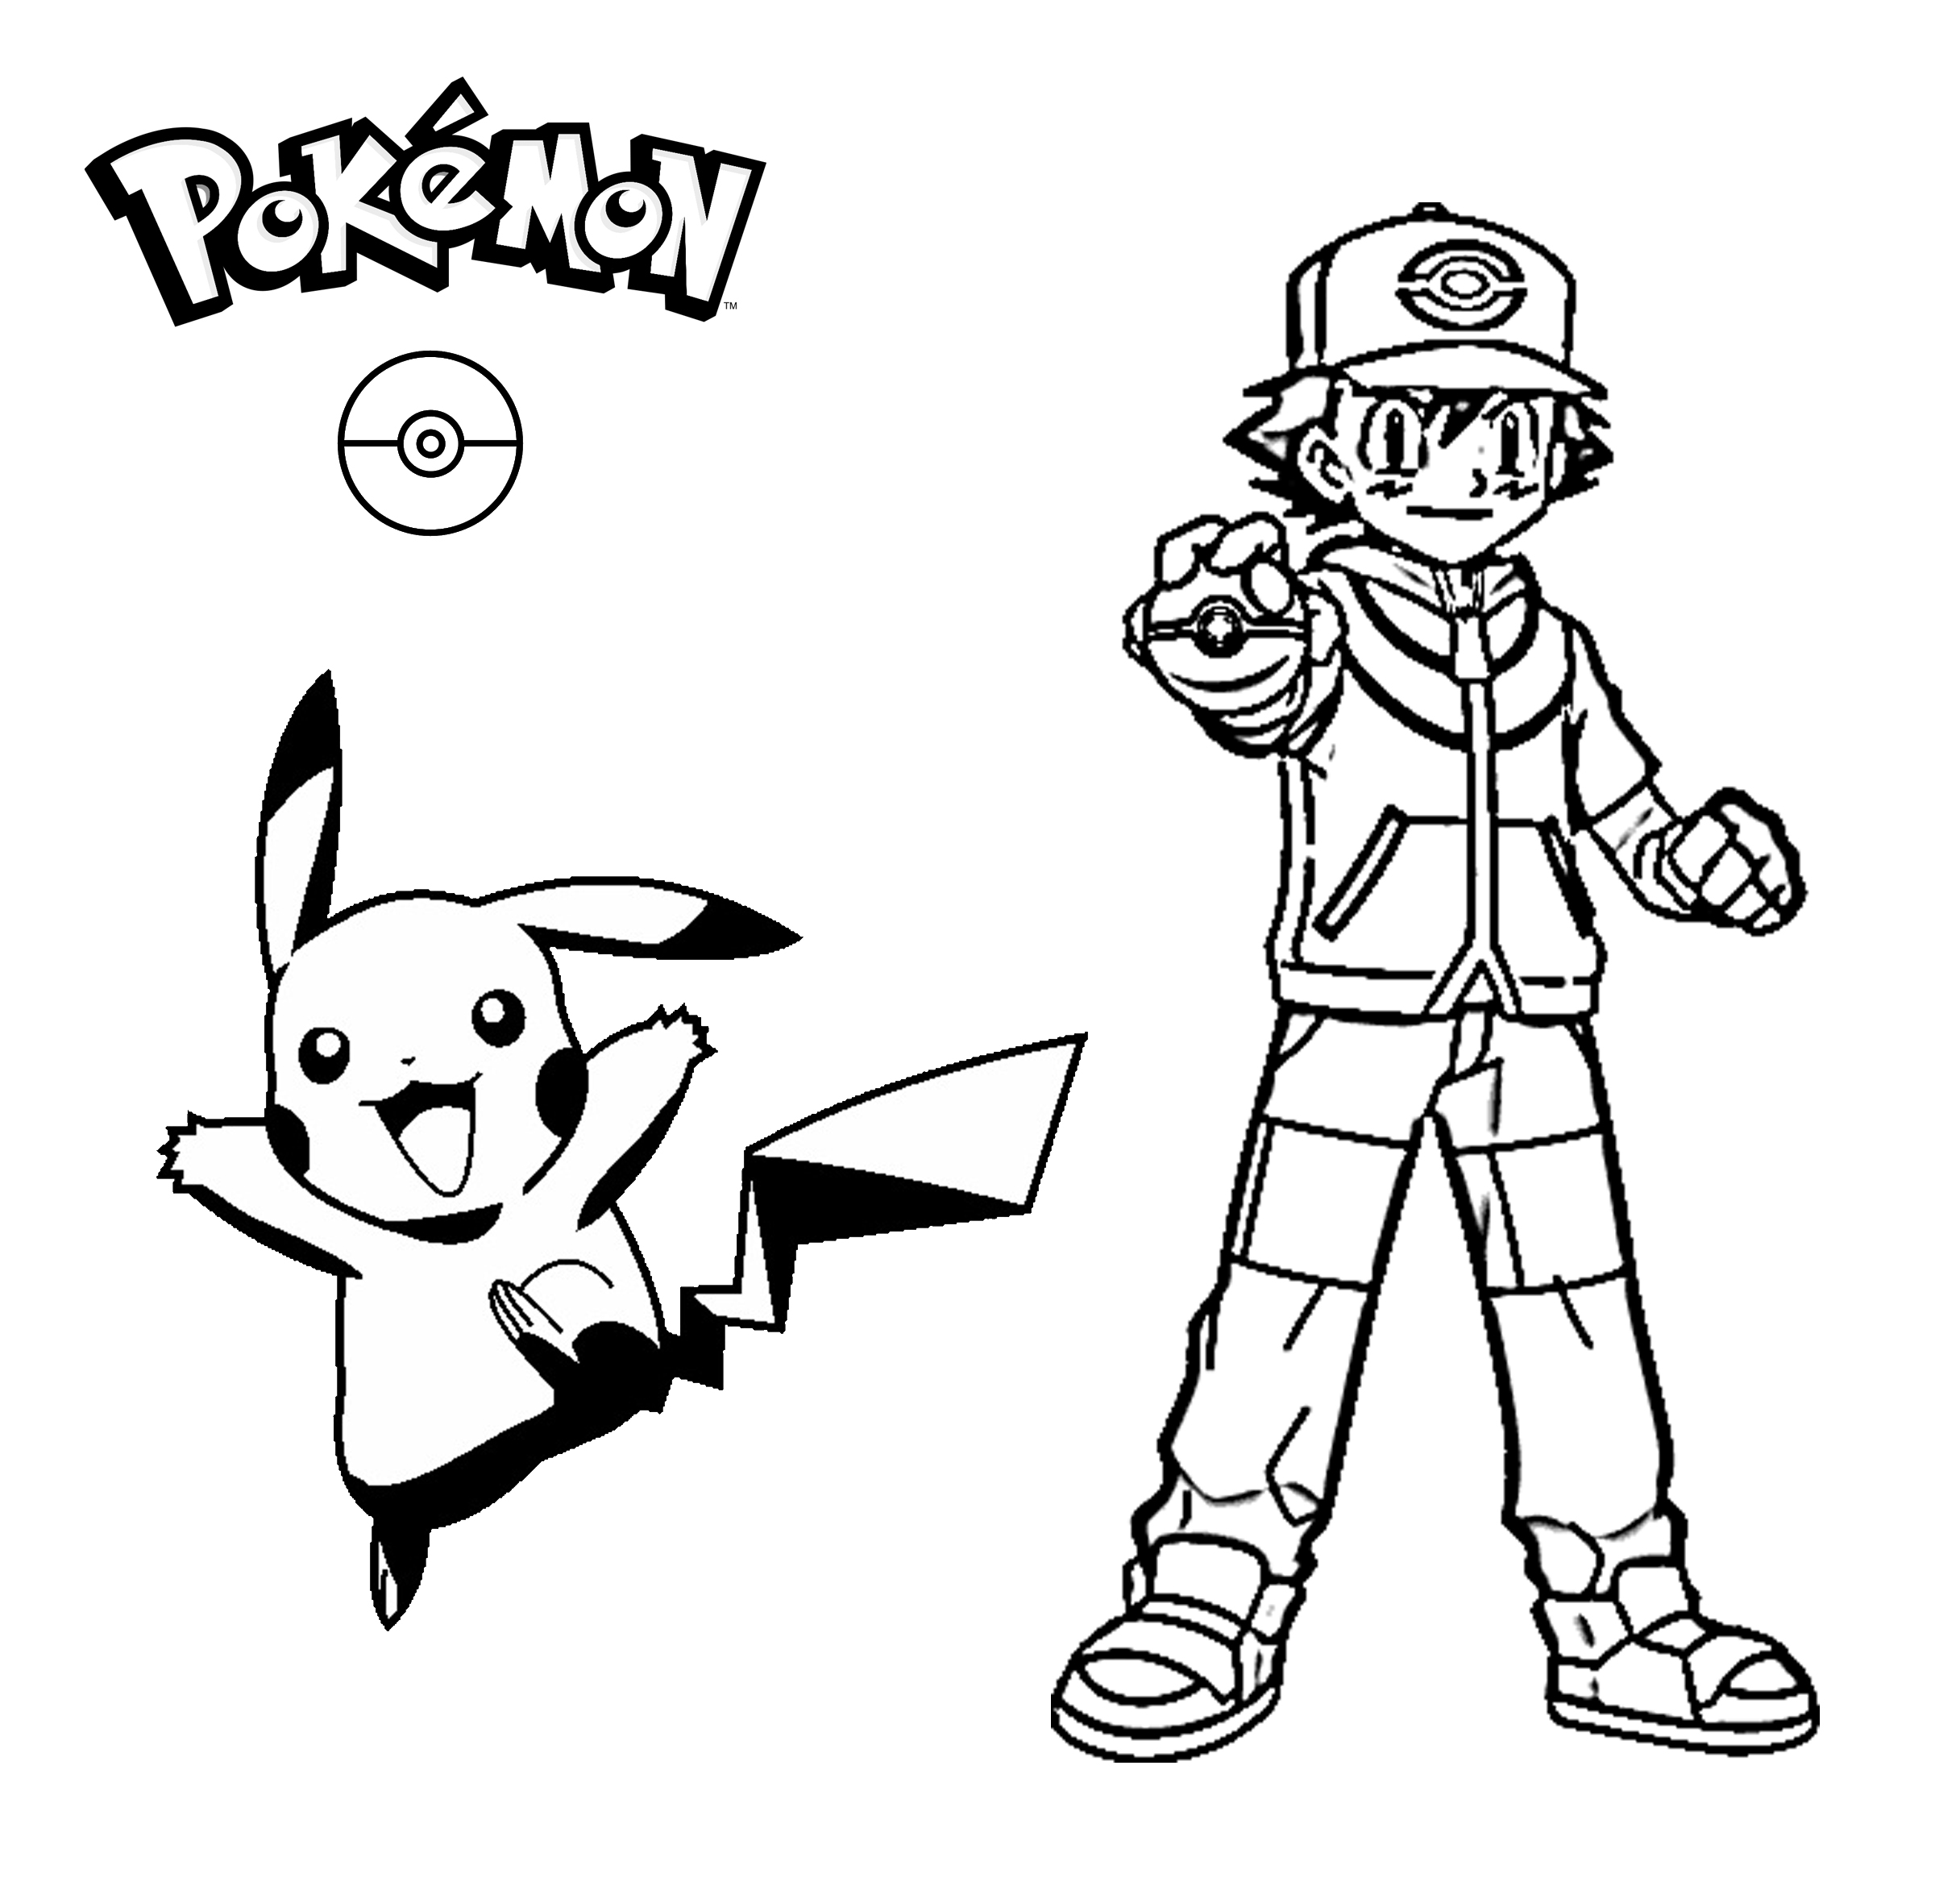 Pokemon GO Ausmalbilder Kostenlos Malvorlagen Windowcolor zum Drucken